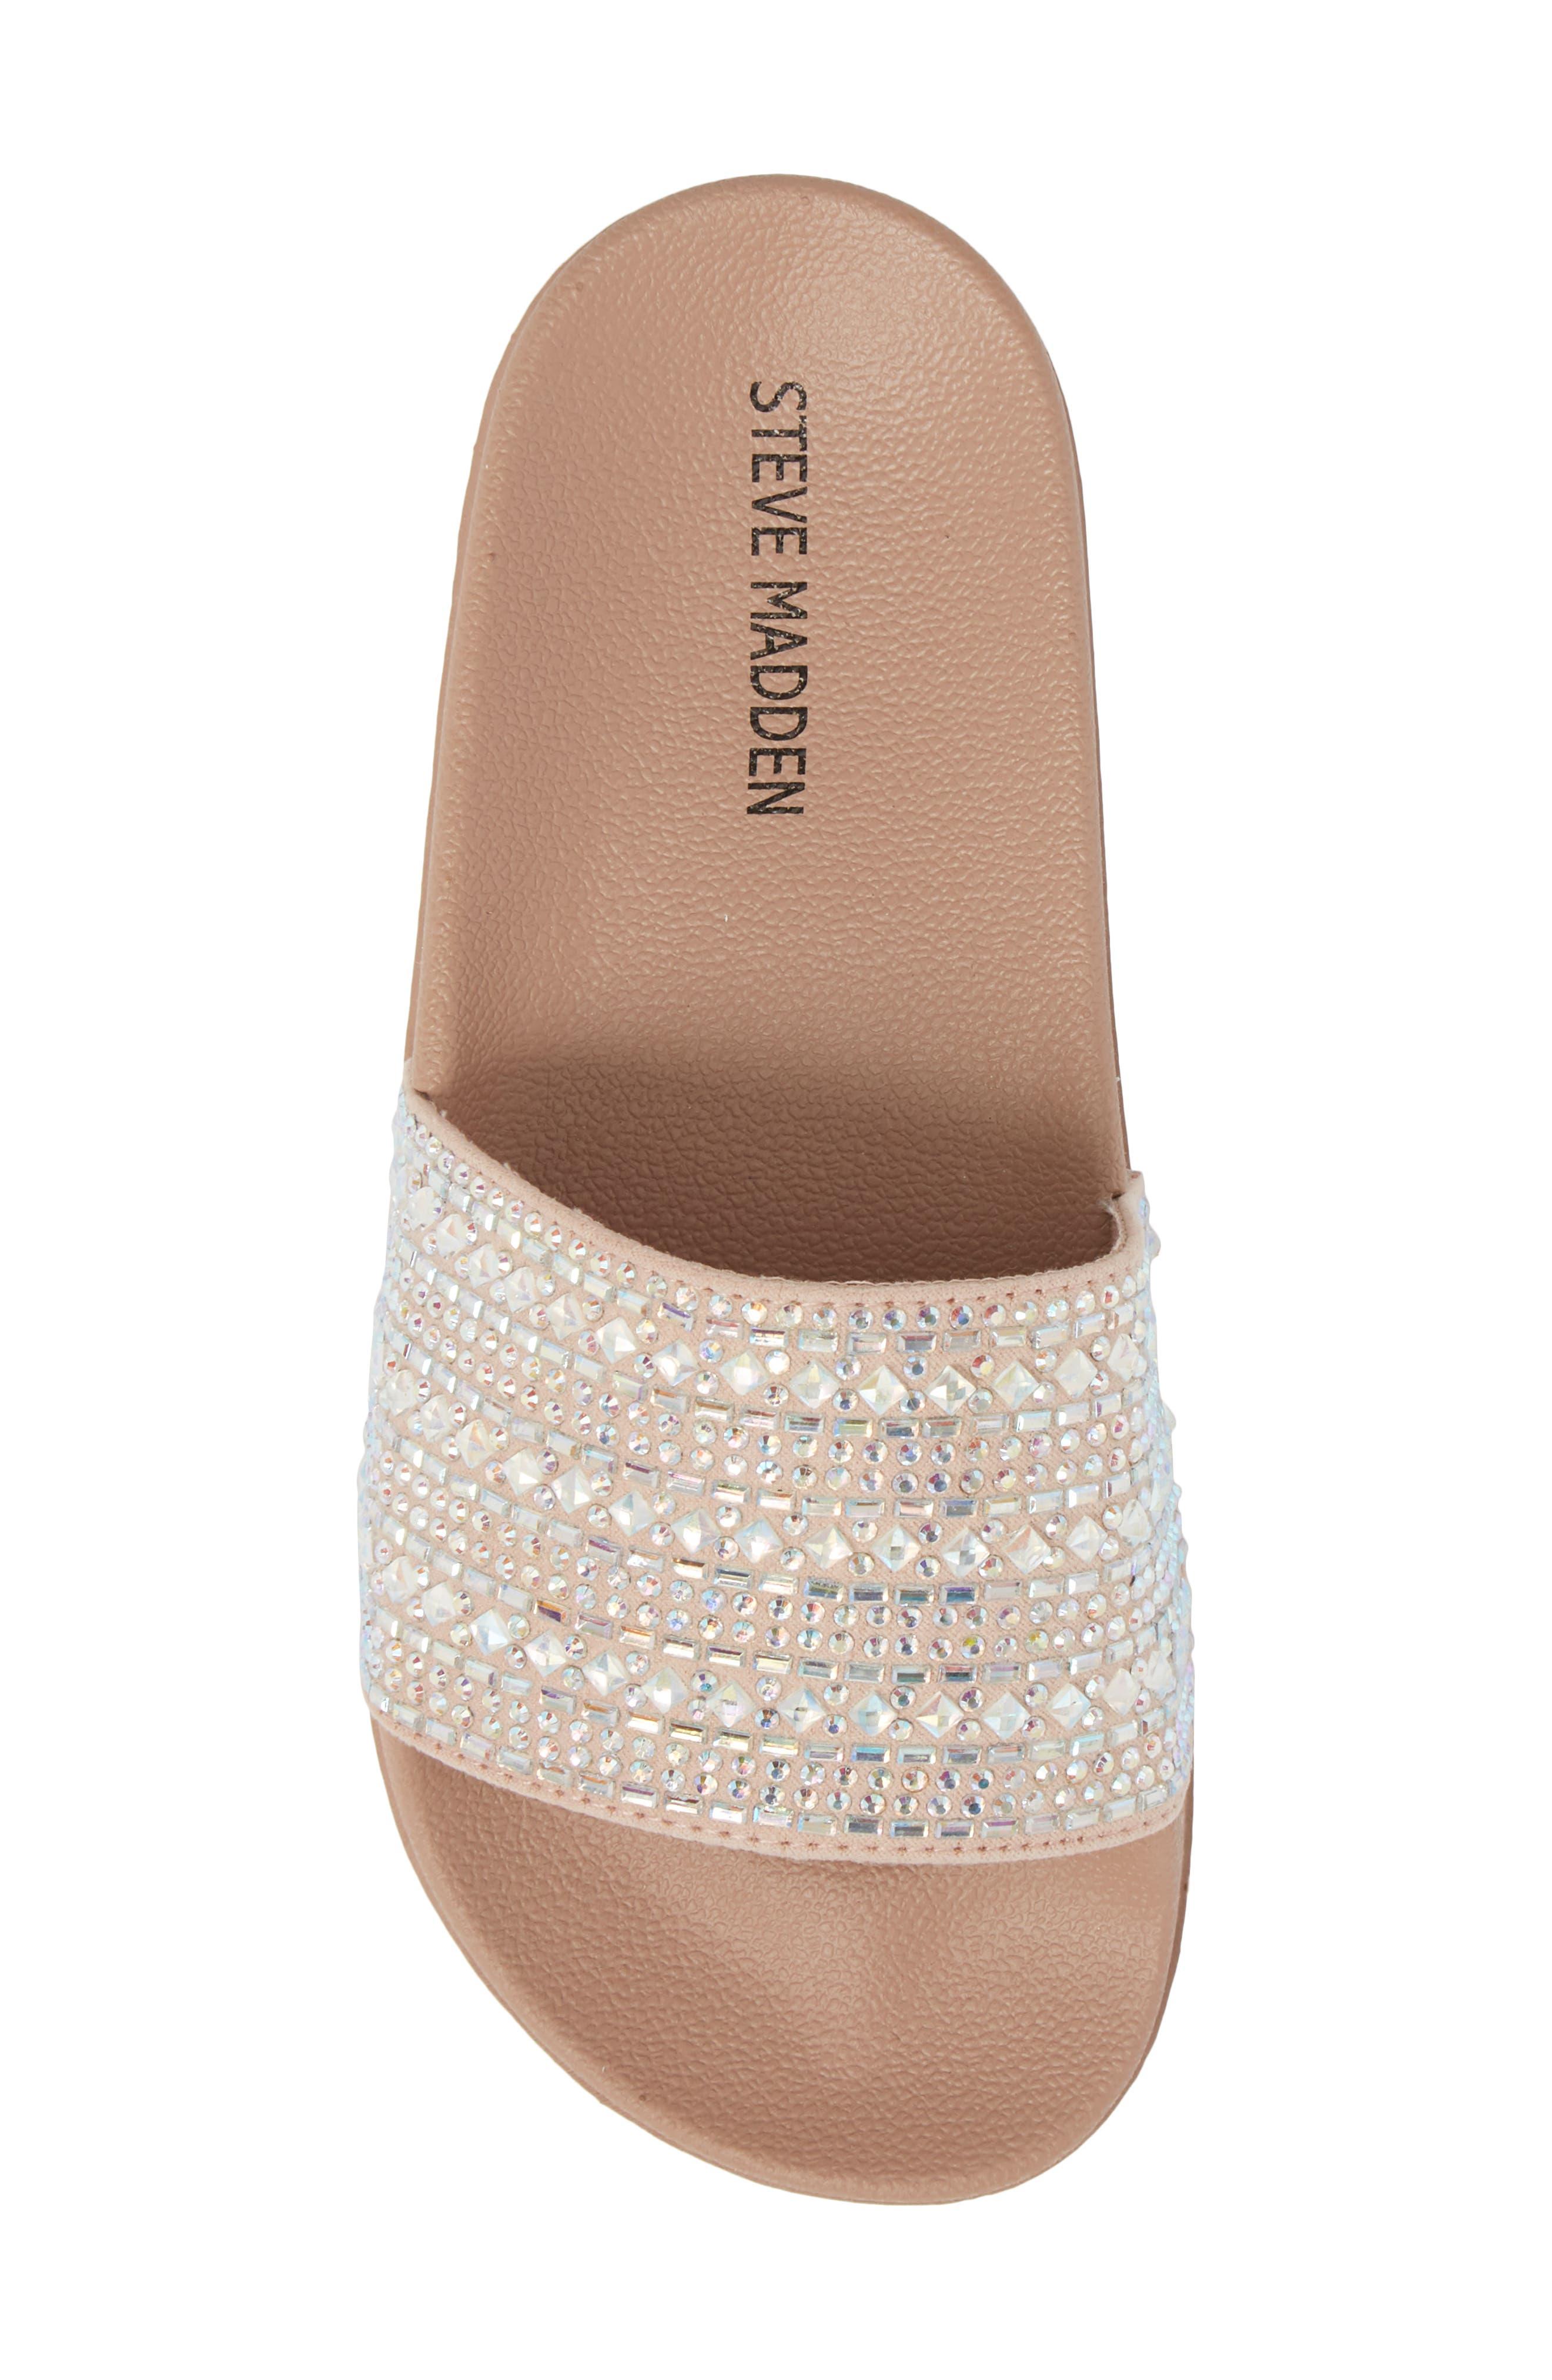 JDAZZLE Crystal Embellished Slide Sandal,                             Alternate thumbnail 5, color,                             Blush